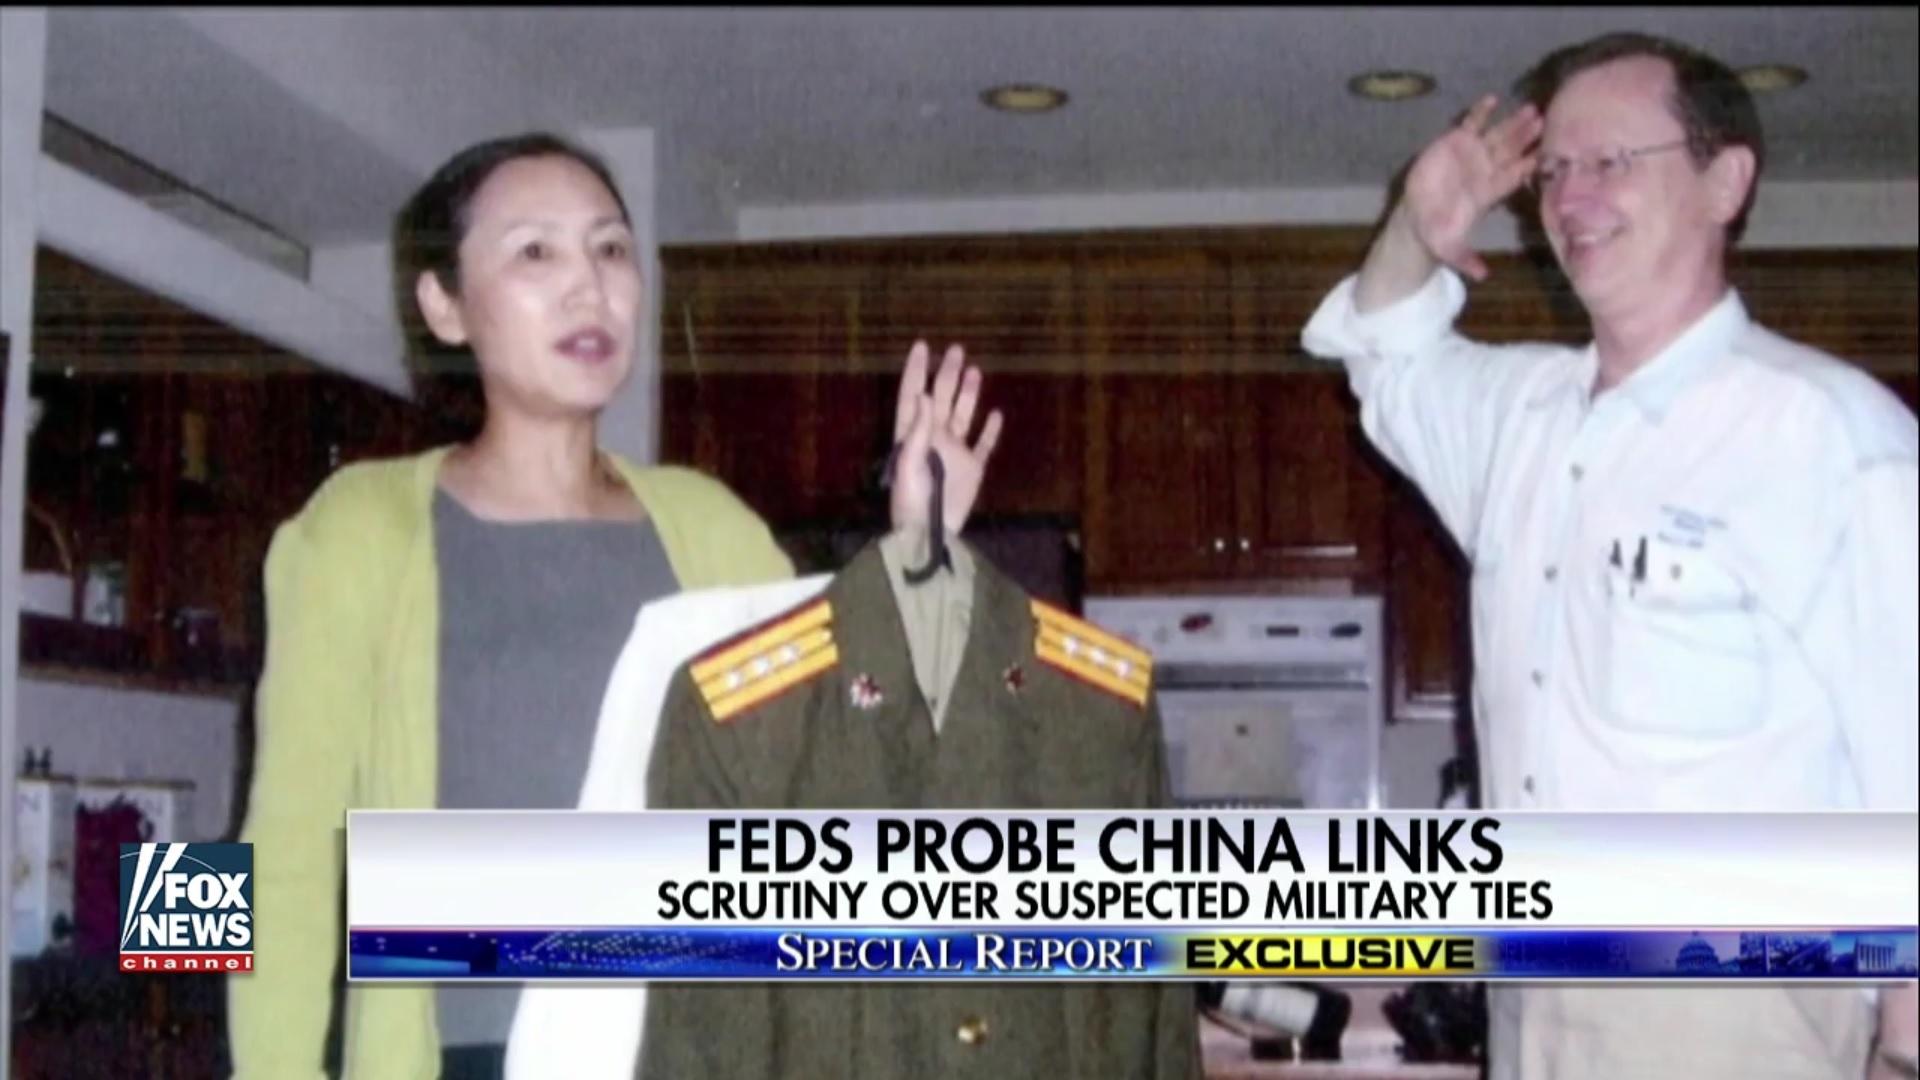 美大學一華裔校長疑有中共背景 國會要嚴查